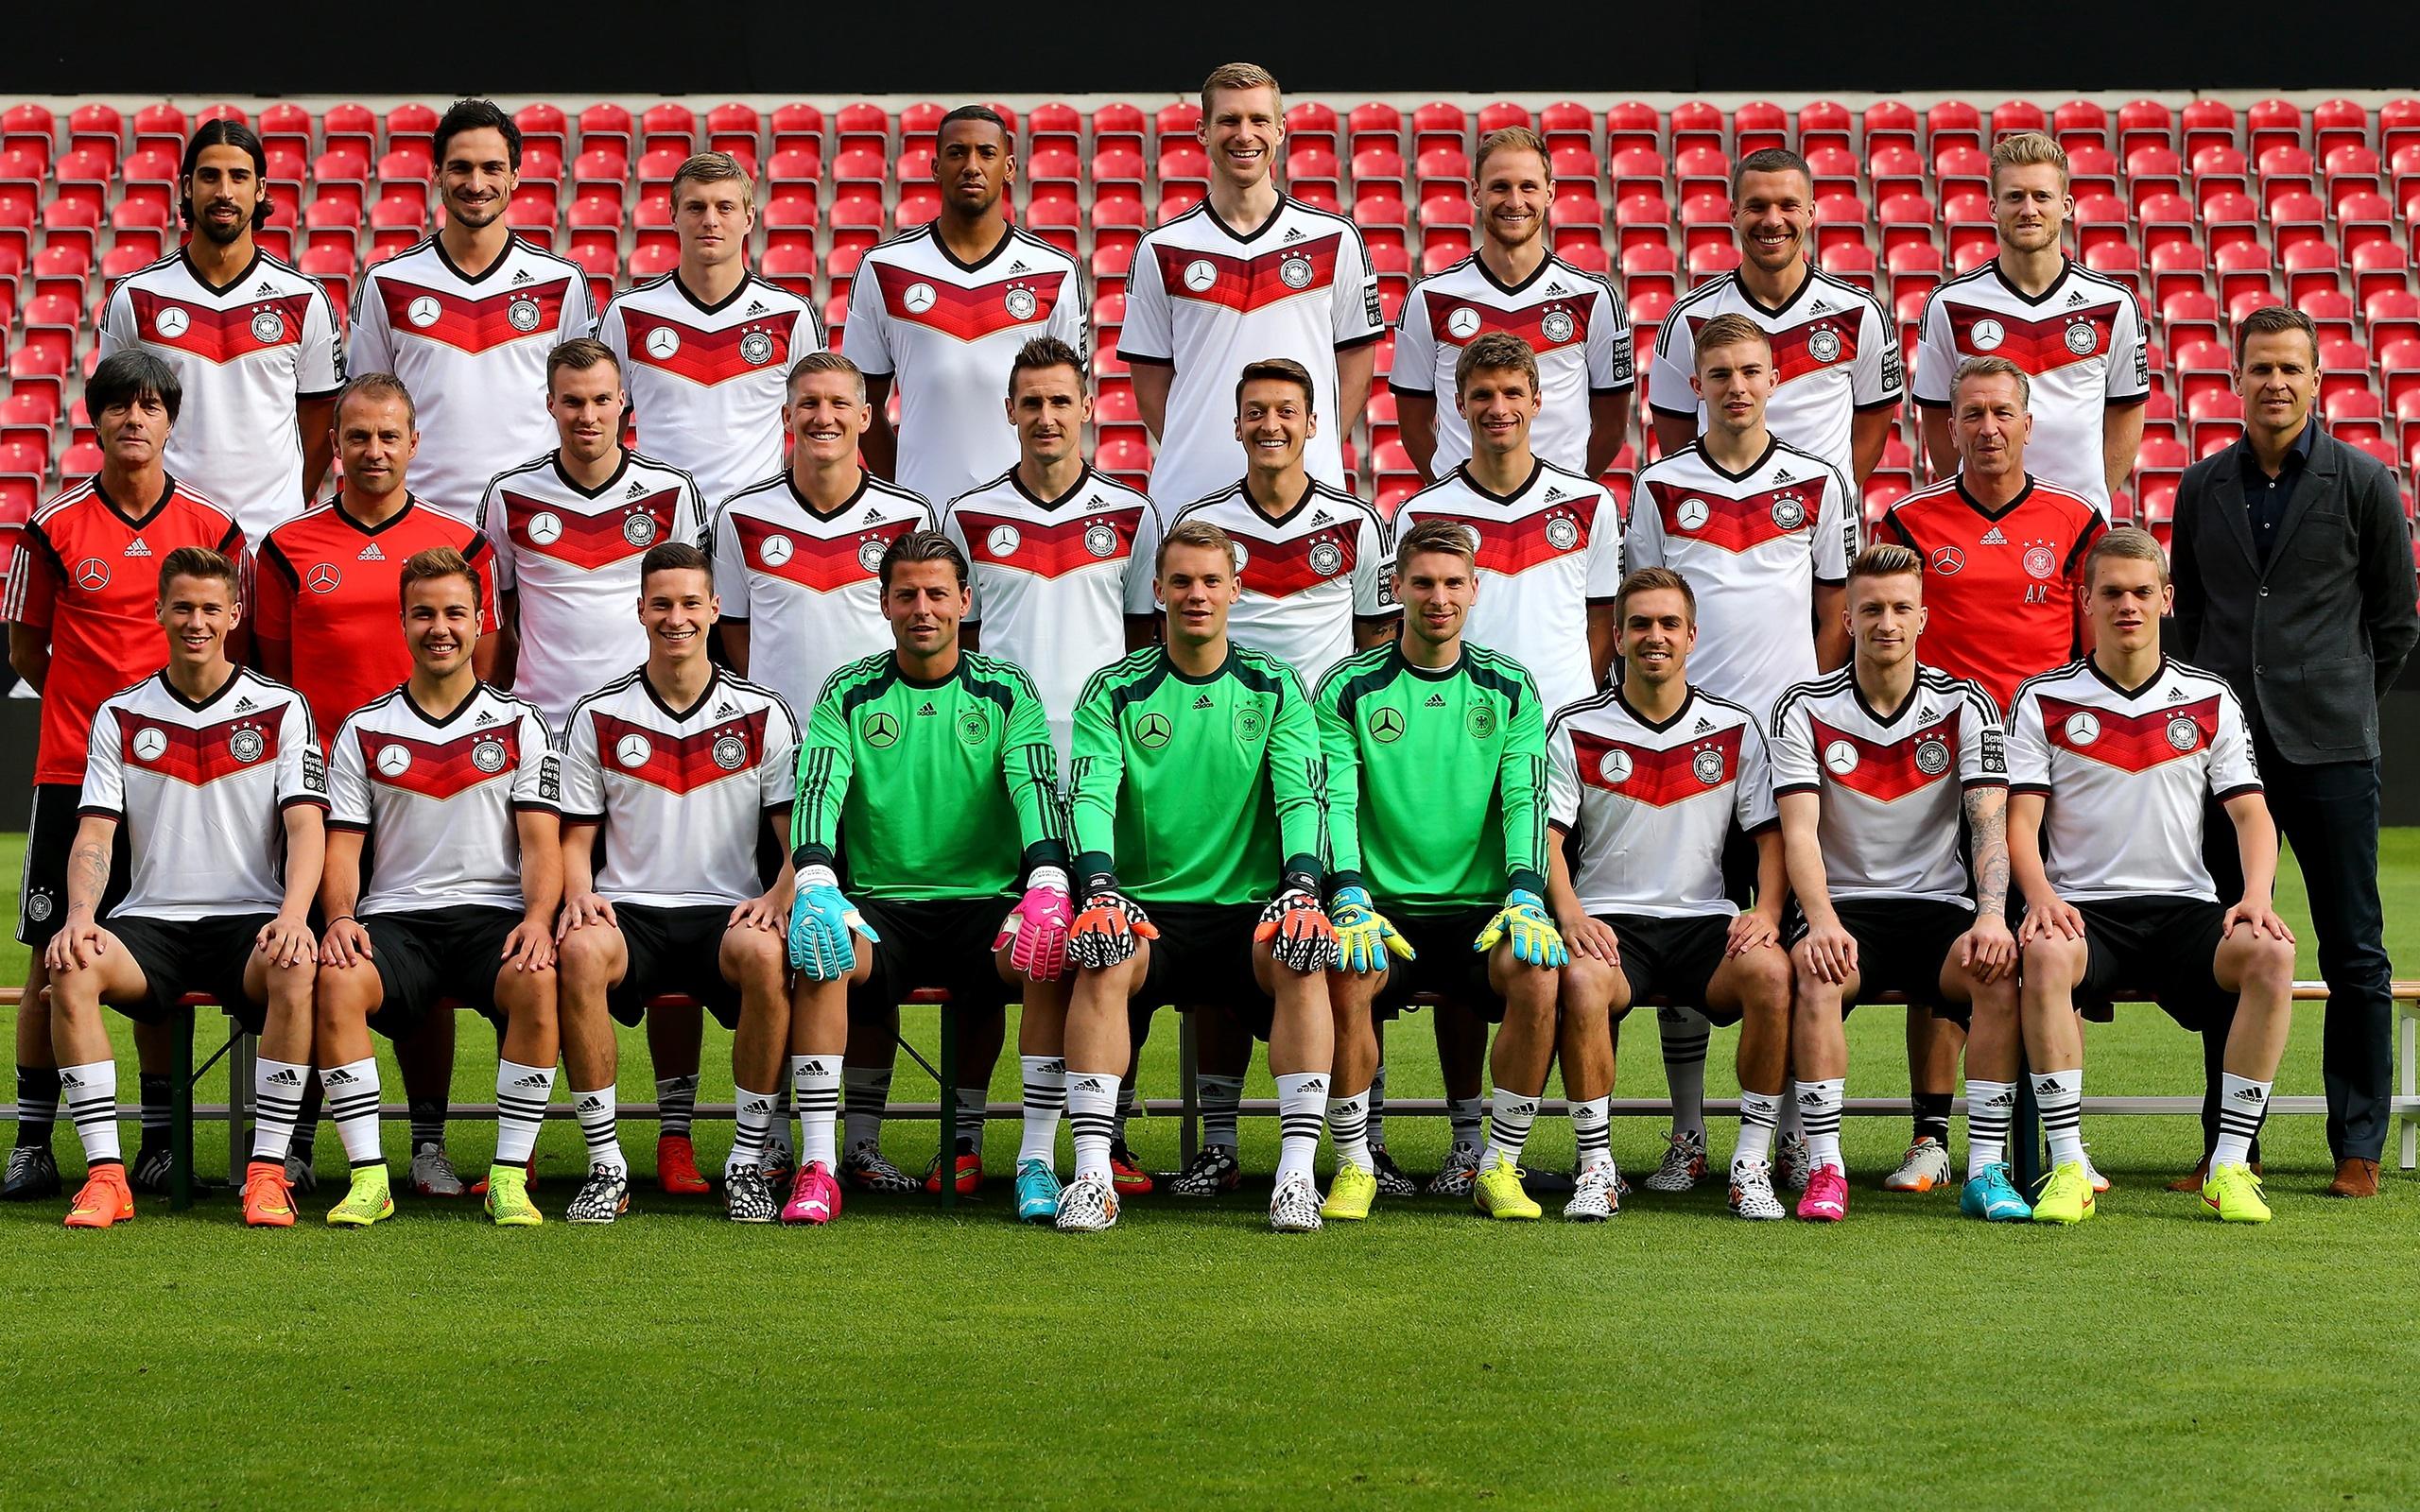 Fussball Weltmeister 2014 Deutschland Als Wallpaper It